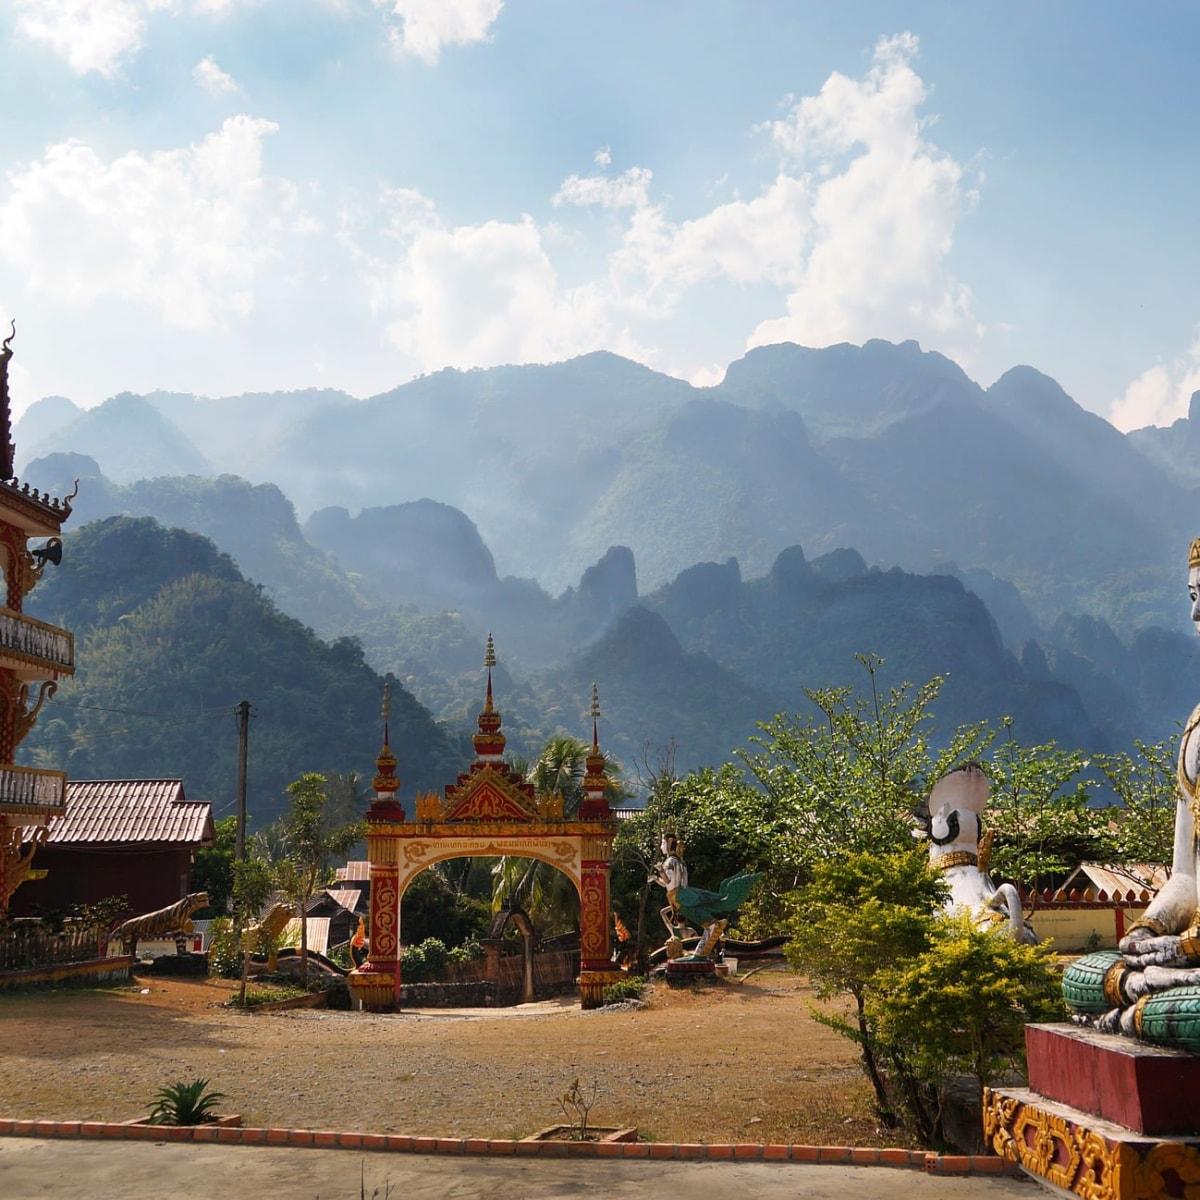 """Laos - im Land der freundlichen Menschen. Privatrundreise - """"Laos Komplett"""" & Baden auf Koh Chang"""""""